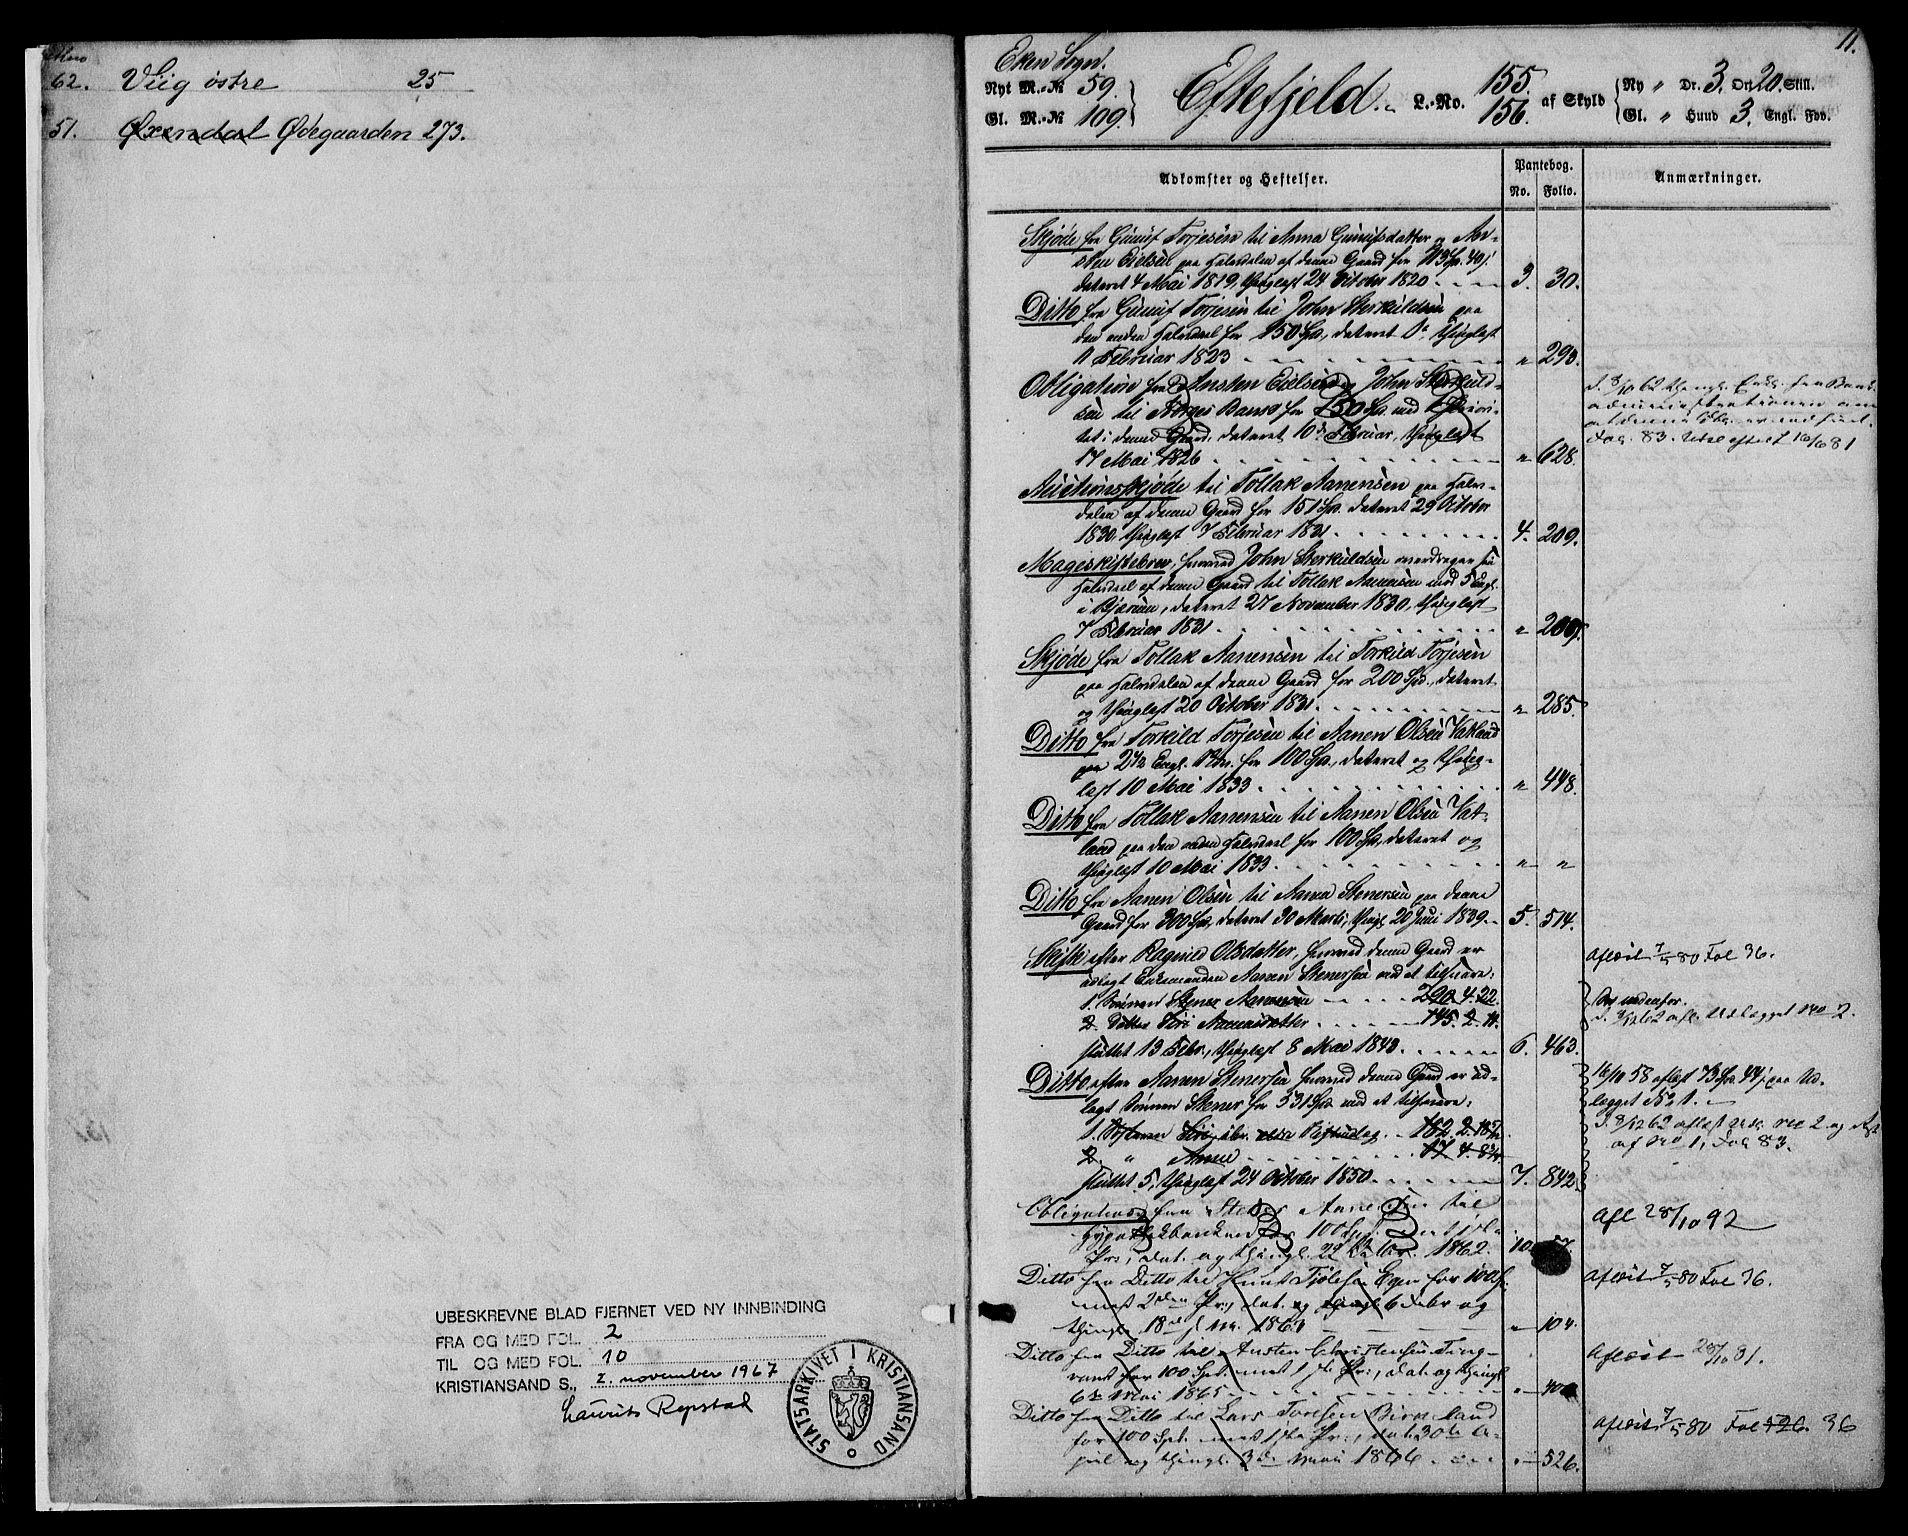 SAK, Lyngdal sorenskriveri, G/Ga/L0584: Panteregister nr. 17, 1805-1929, s. 11